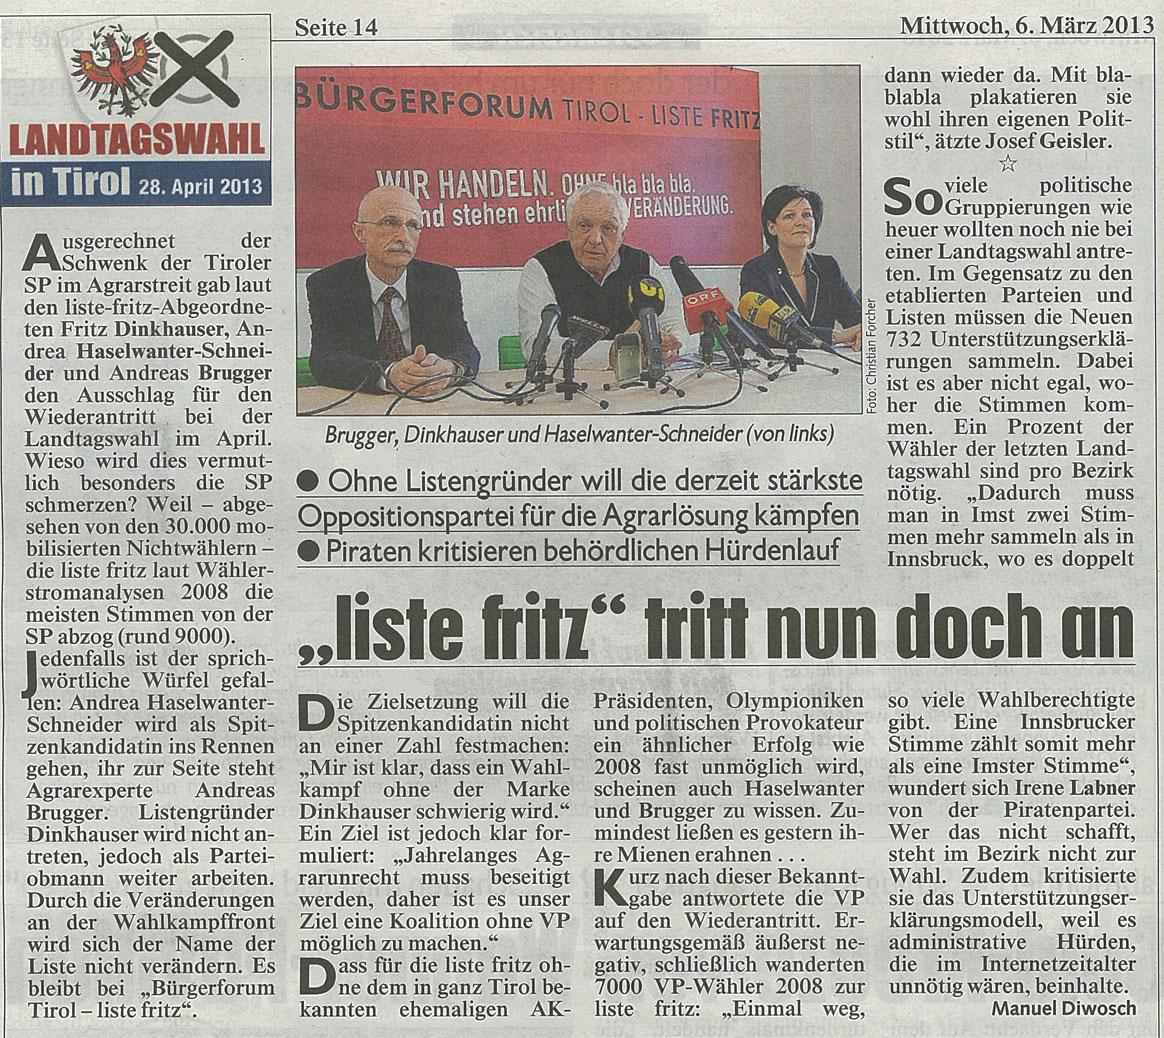 Bericht der Kronen Zeitung zum Antreten der Liste Fritz bei den Landtagswahlen